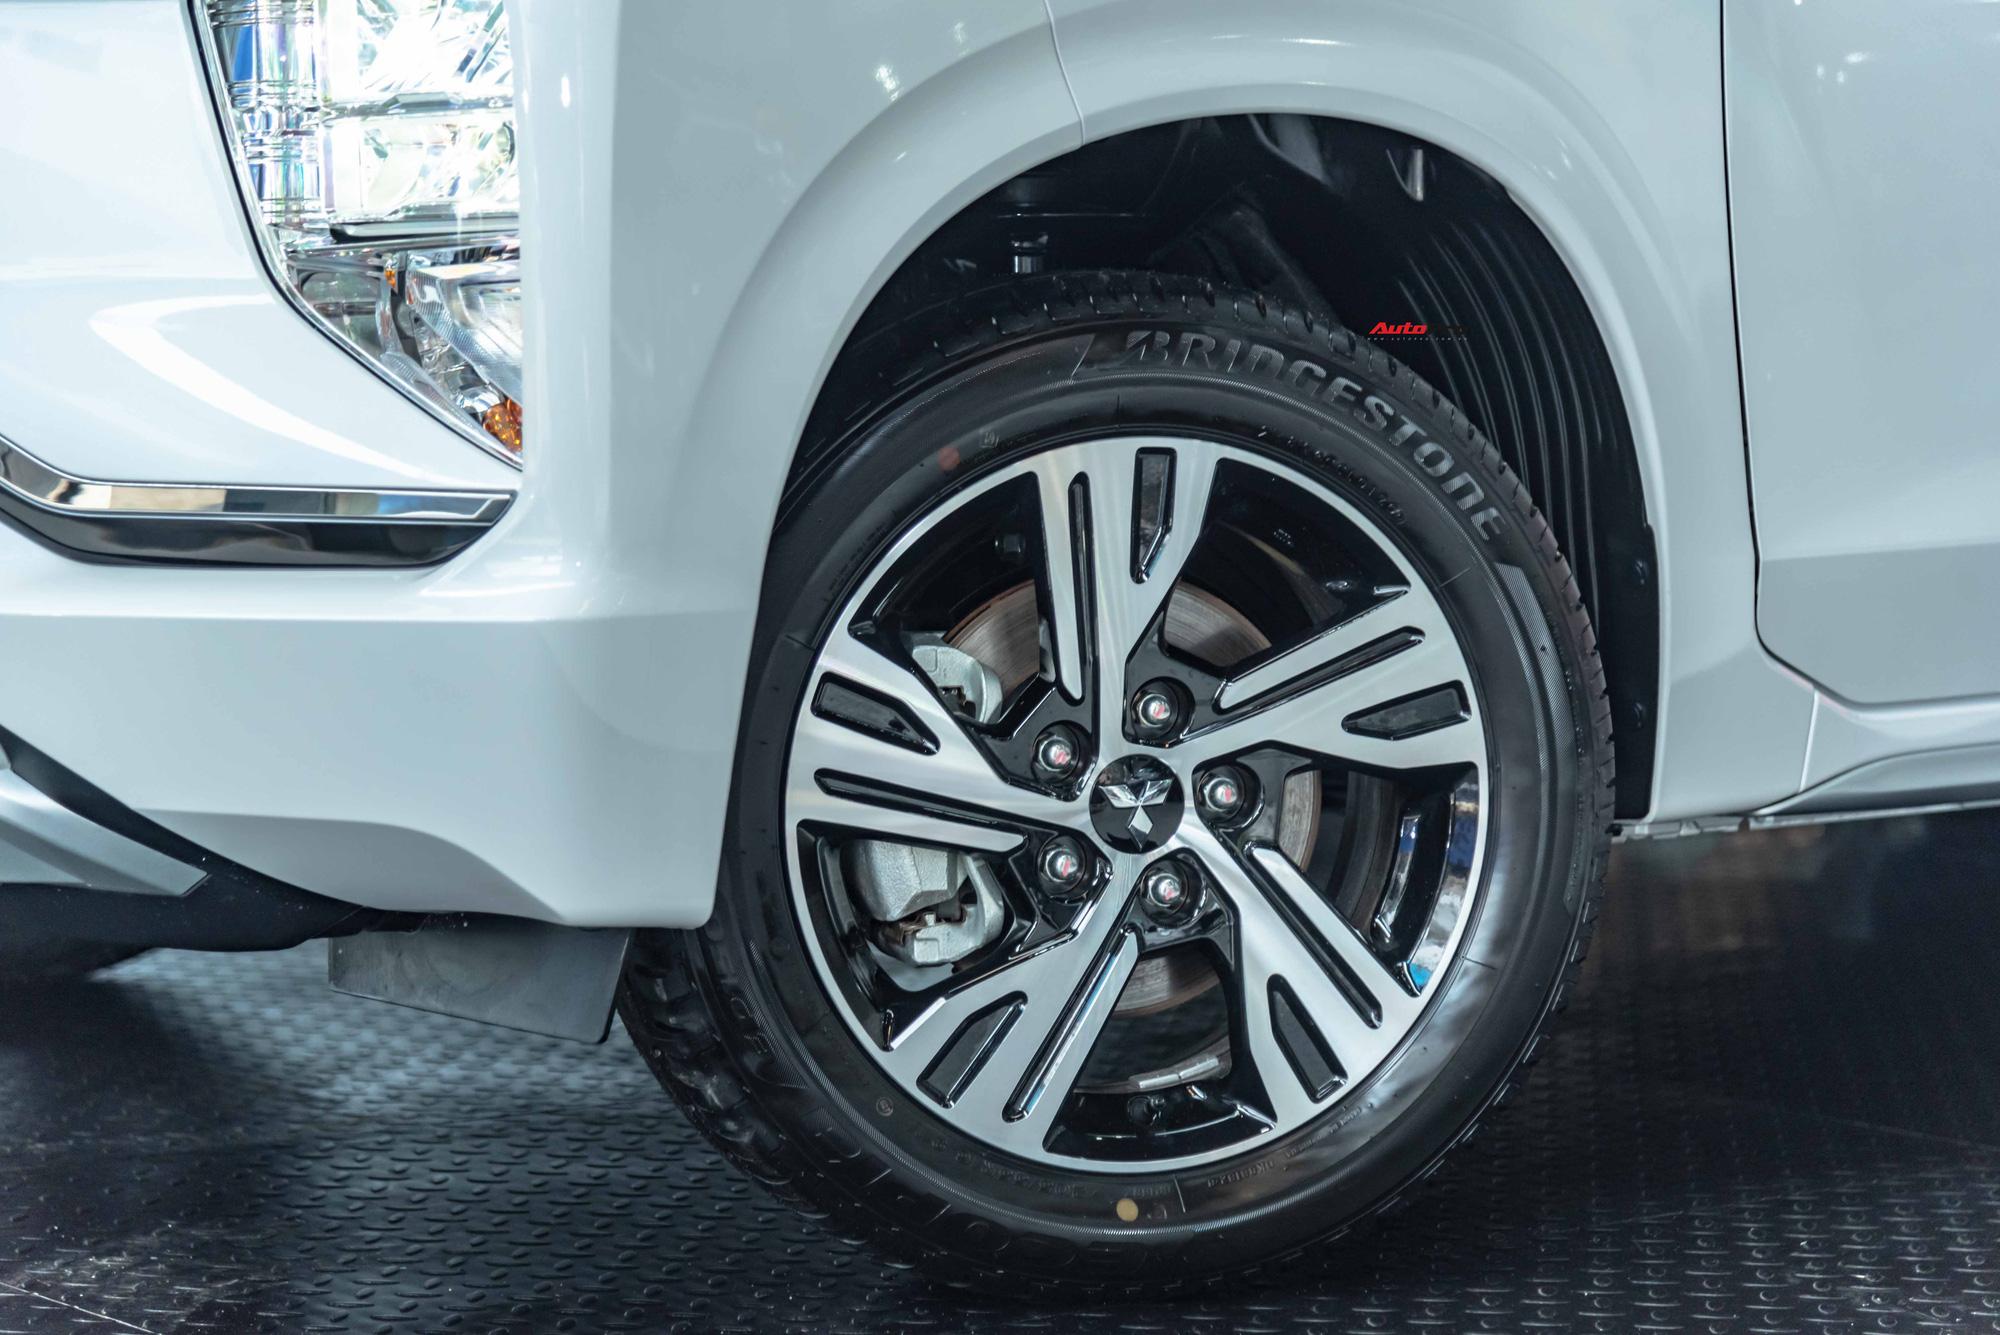 Ra mắt Mitsubishi Xpander 2020: Đánh giá 8 điểm mới, tăng 10 triệu nhưng tặng lại 10 triệu, rộng đường giữ ngôi vua MPV-6